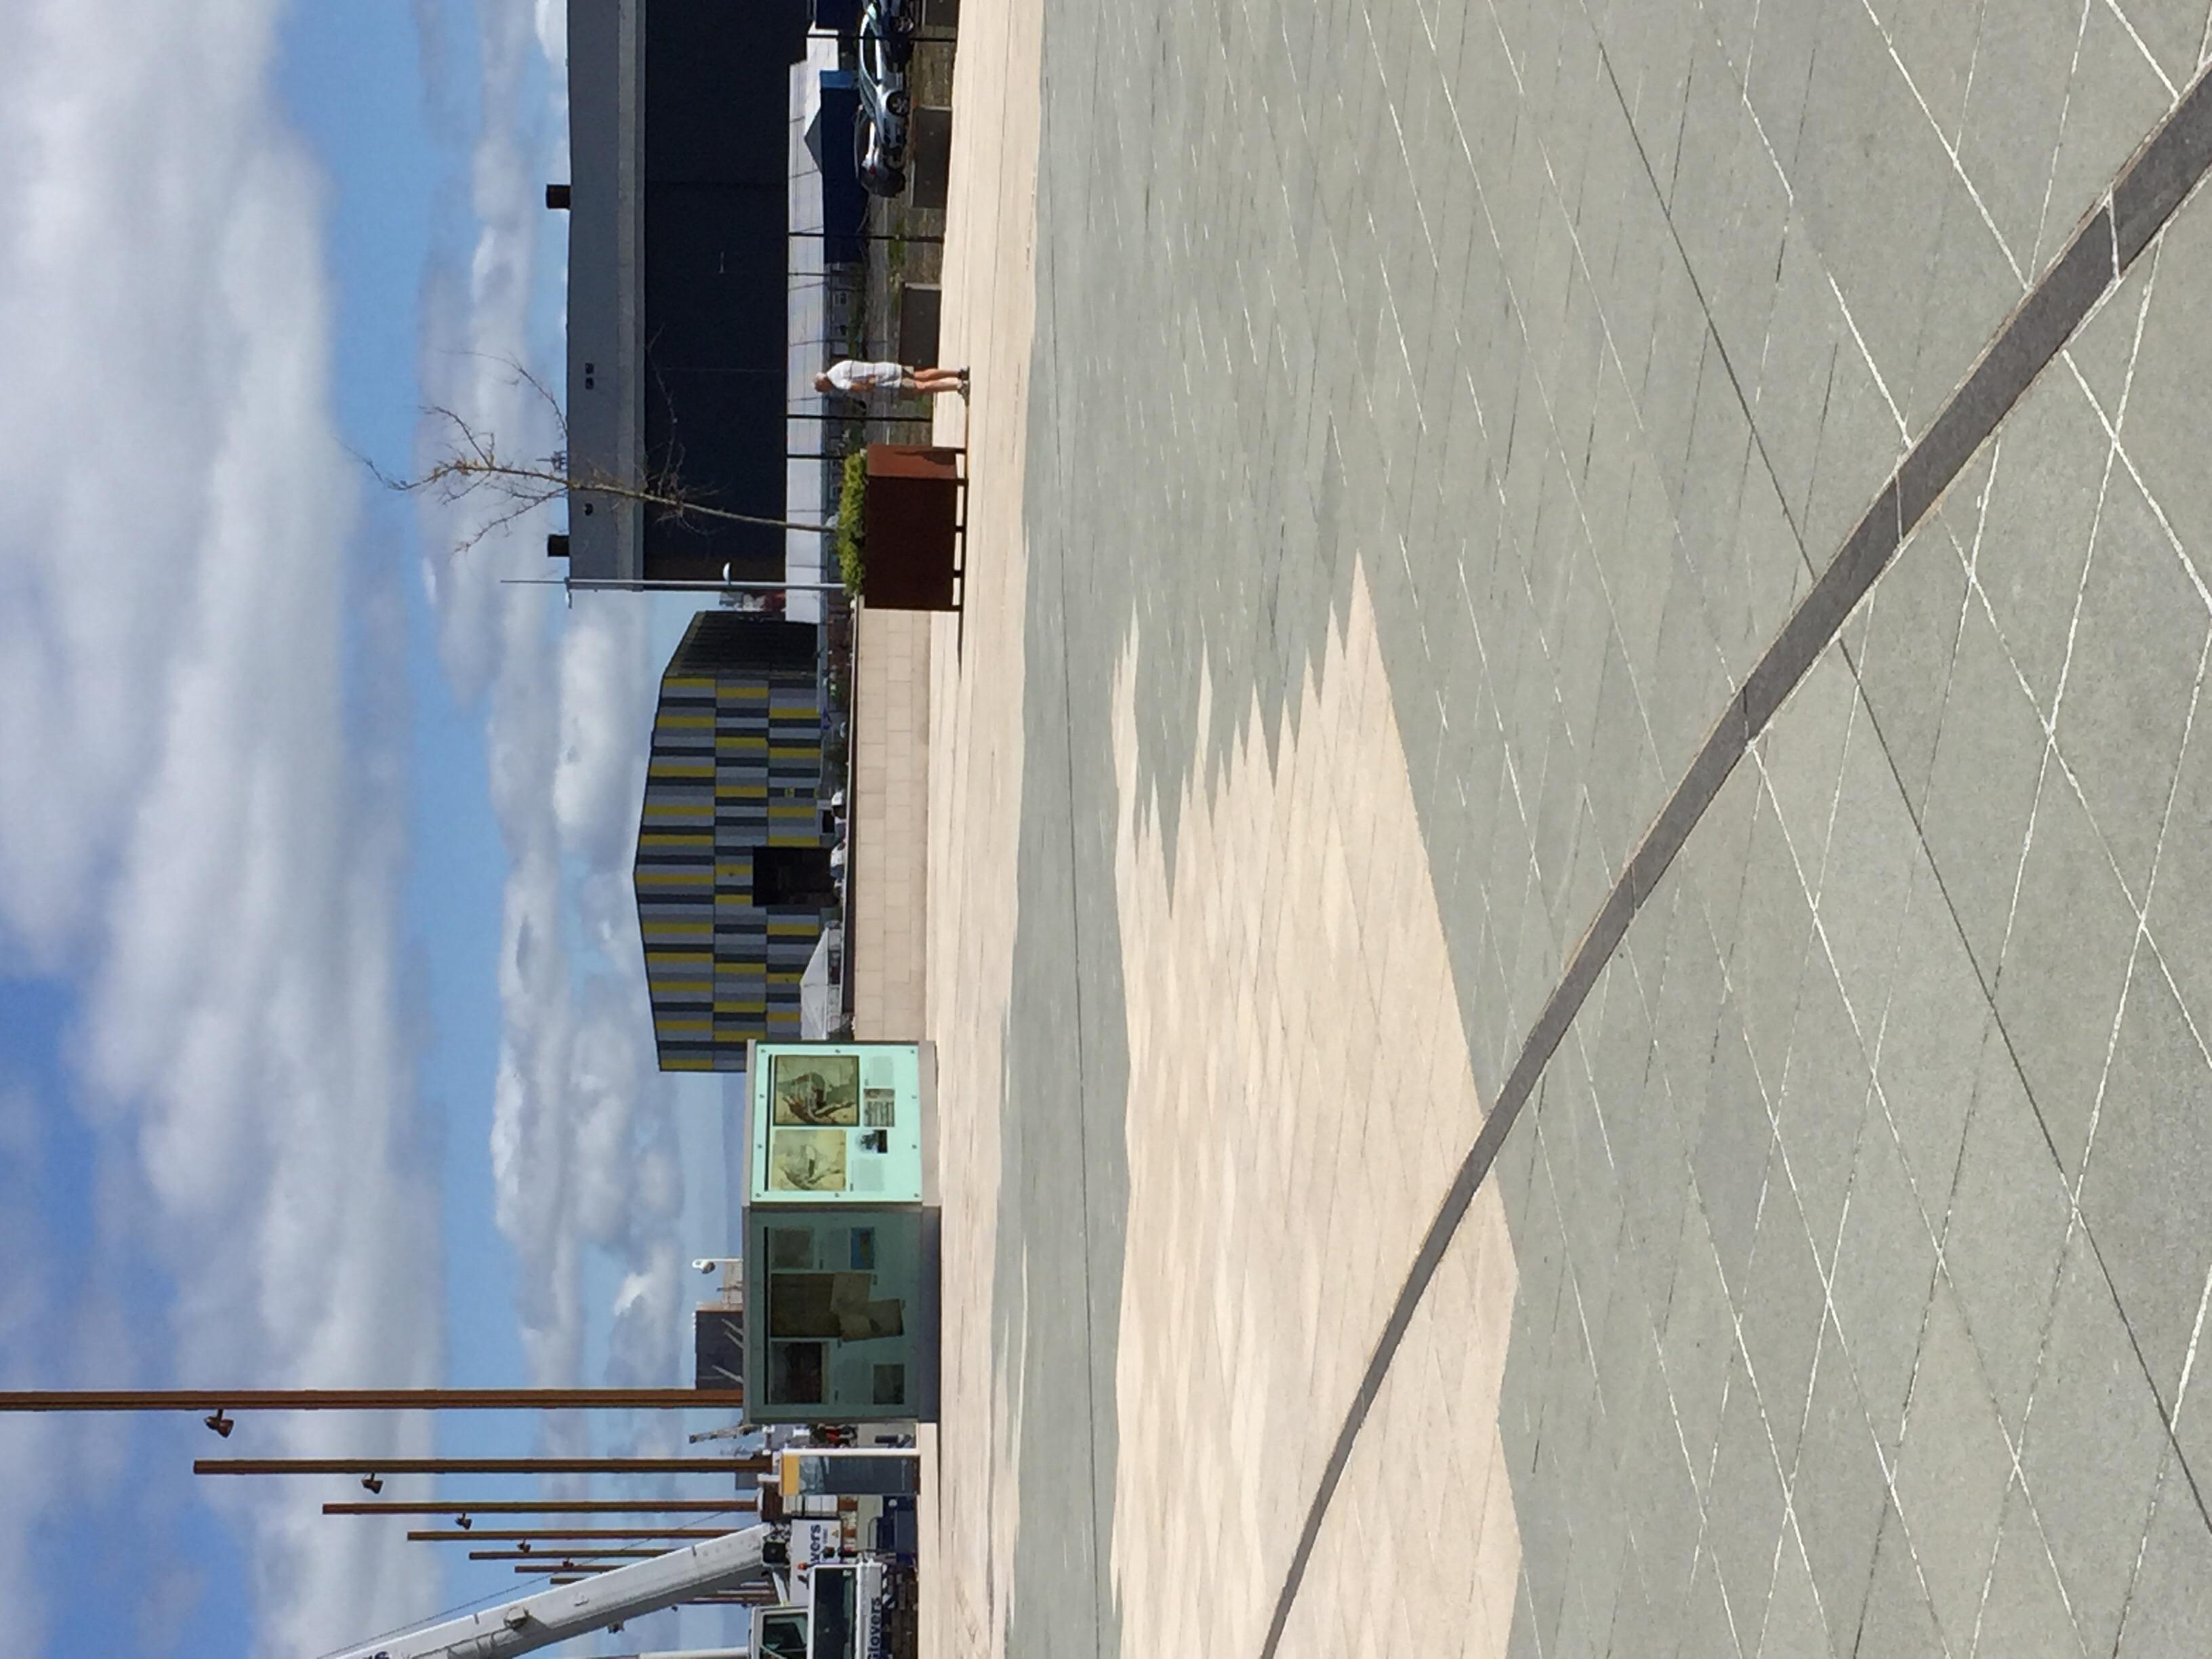 Titanic/HBO Studios, where Game of Thrones is filmed...